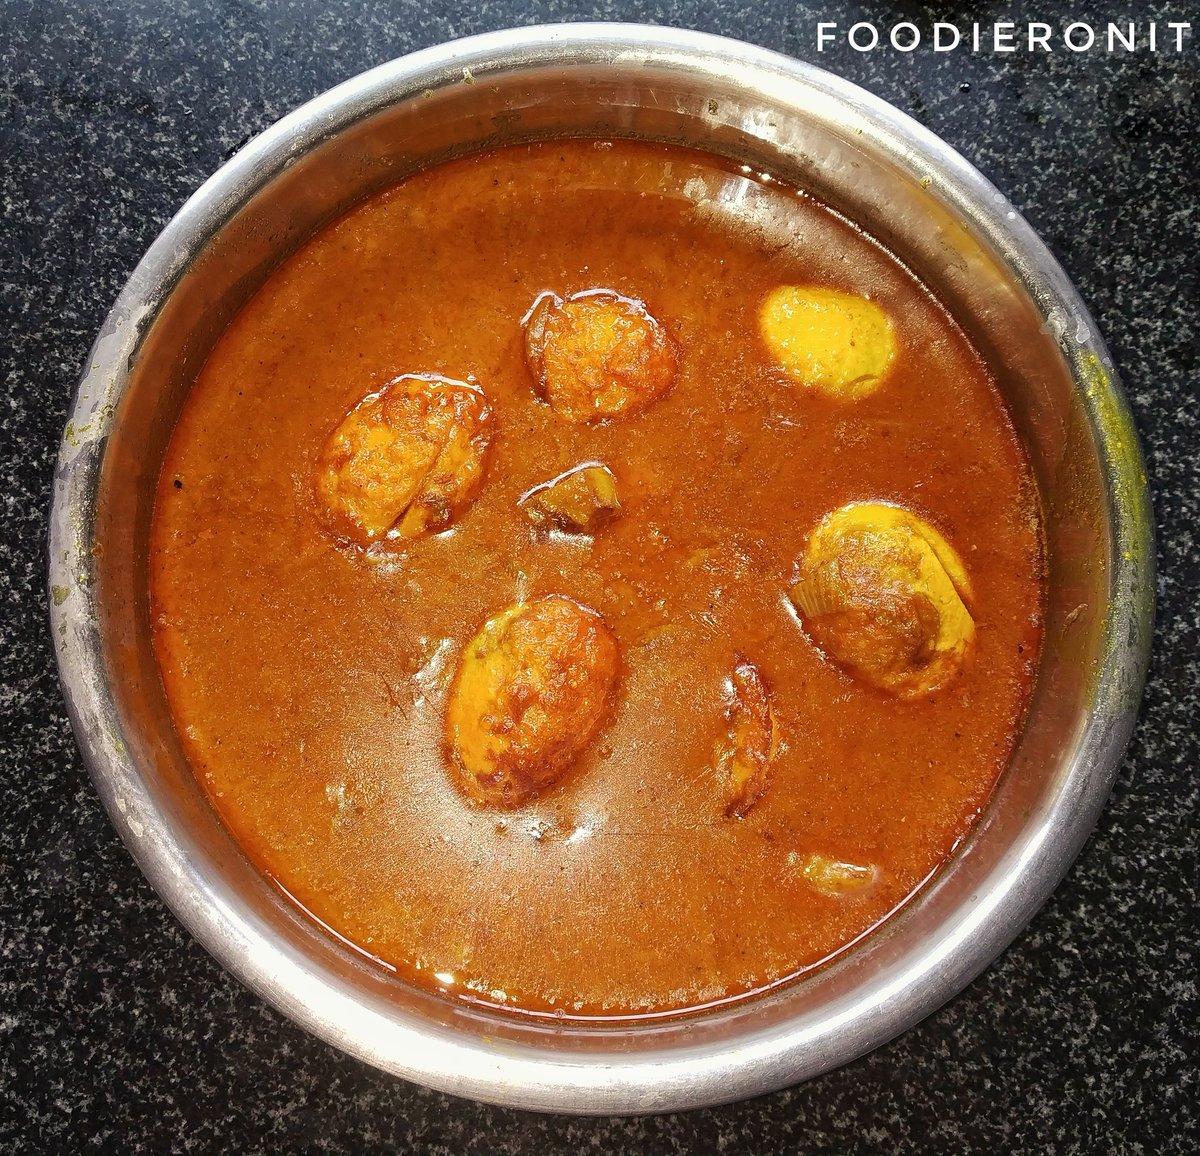 Sunday ho ya Monday, roz khao ande 😉  #foodieronit #eggcurry #egg #eggs #eggsofinstagram #egglover #curry #andacurry #eggrecipes #eggmasala #eggspicy #healthyrecipes #eatwellbewell #eggfavorite #shakshukaeggs #bhfyp #shotonredminote4 #indianfood #desifood #indiancooking https://t.co/R8ogPSxu4k